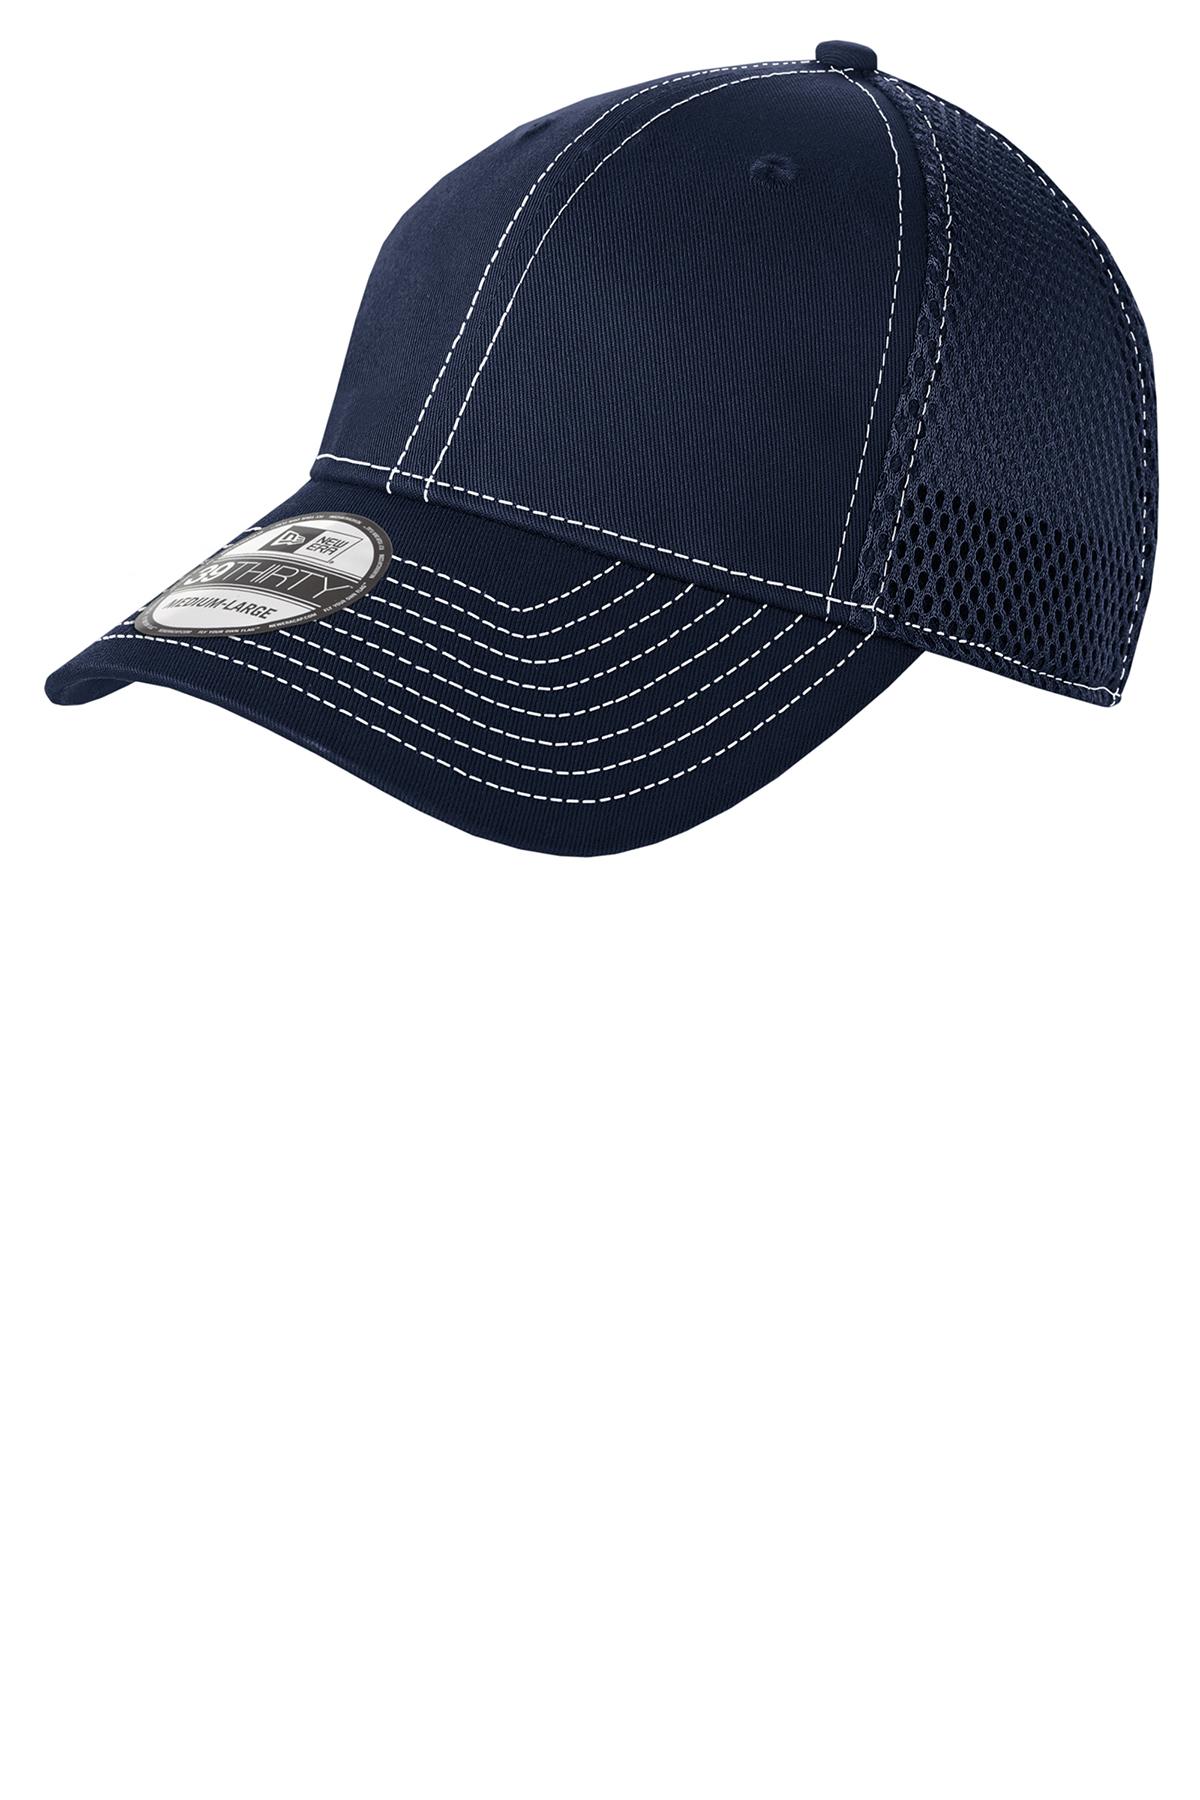 e59a208ddf5 New Era® - Stretch Mesh Contrast Stitch Cap